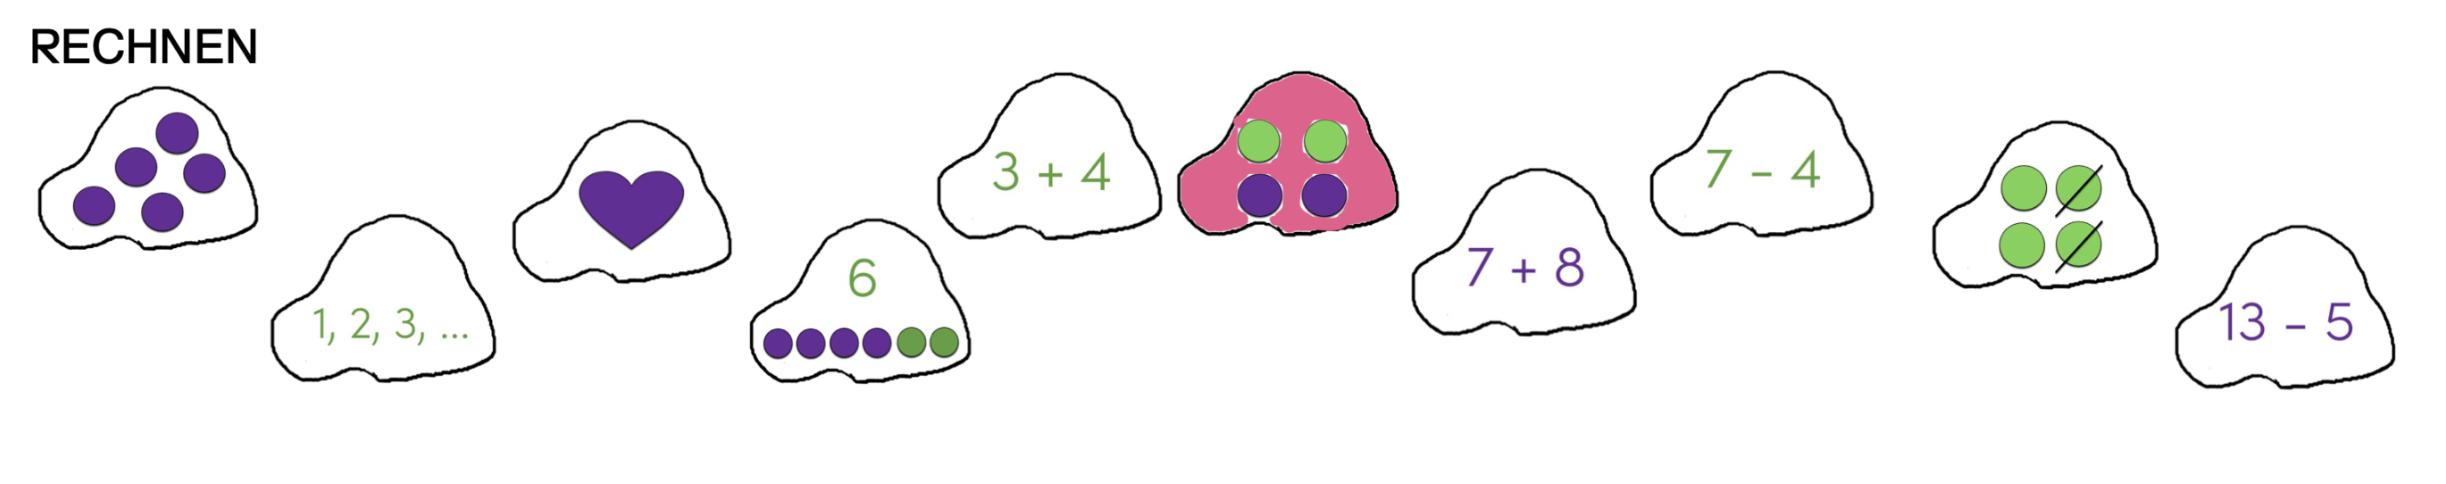 Zahlen bis 20 verdoppeln 1. Klasse Mathe Rechnen